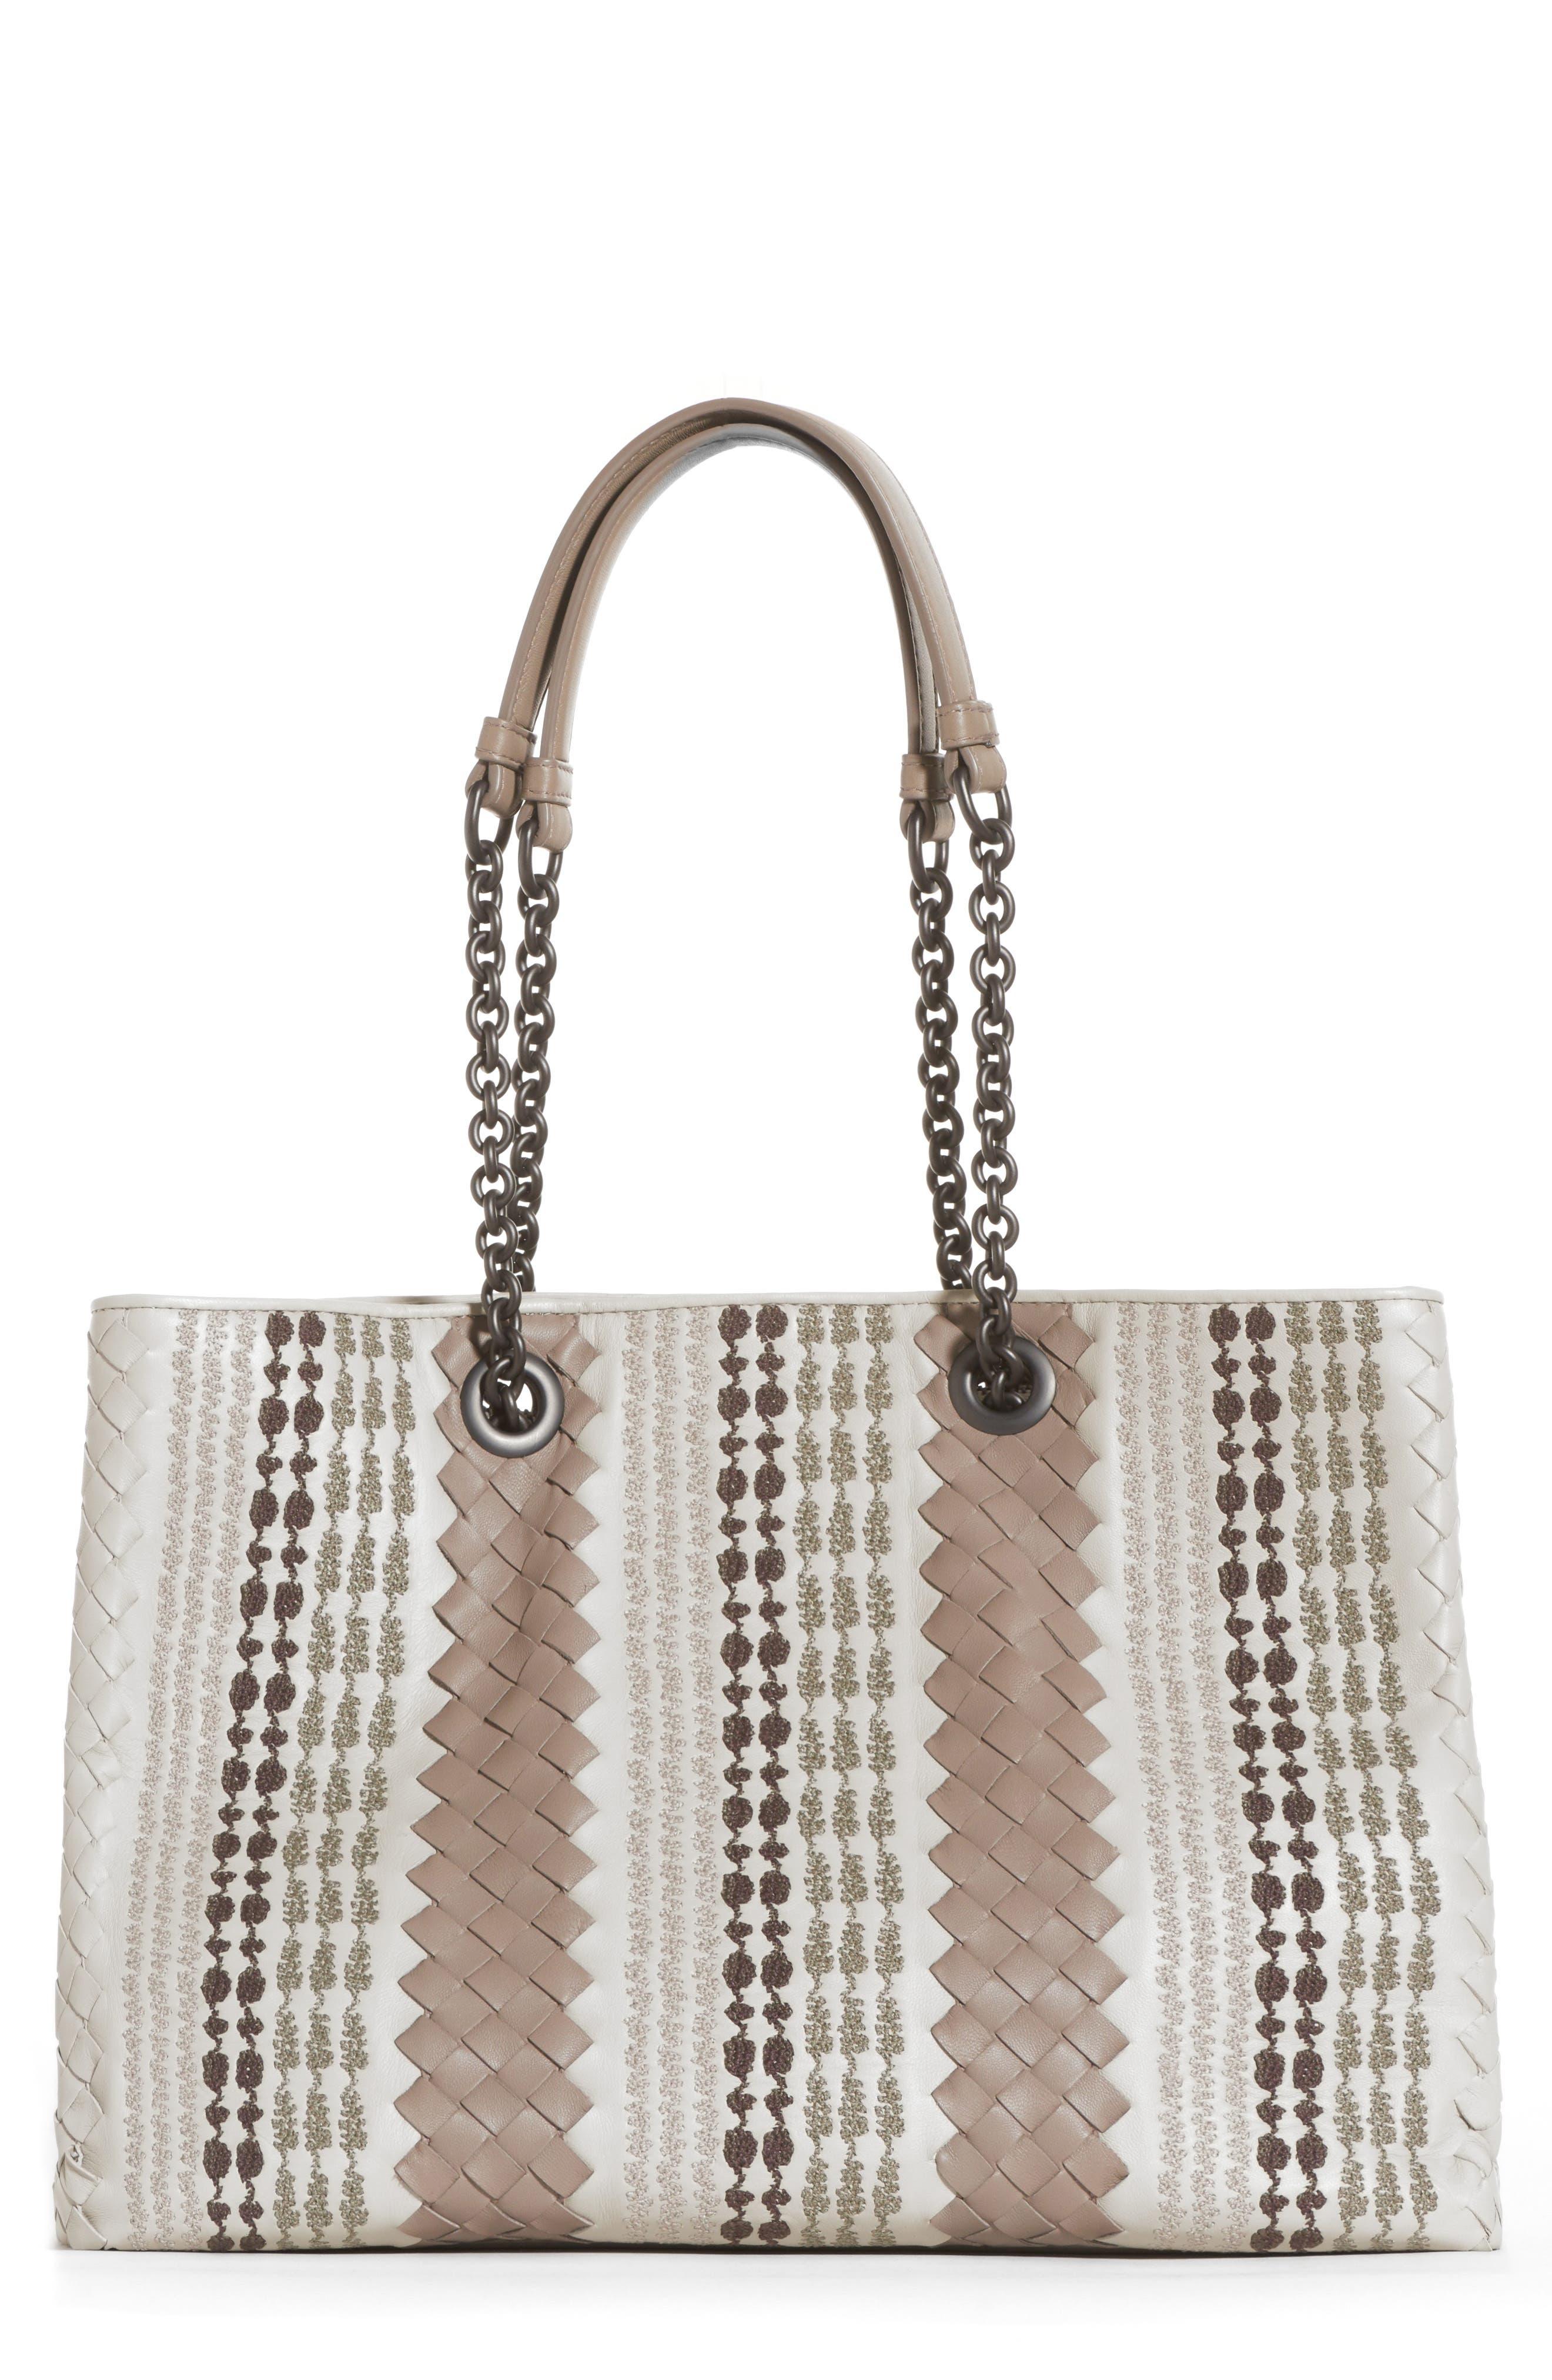 Bottega Veneta Appia Embroidered Leather Tote Bag